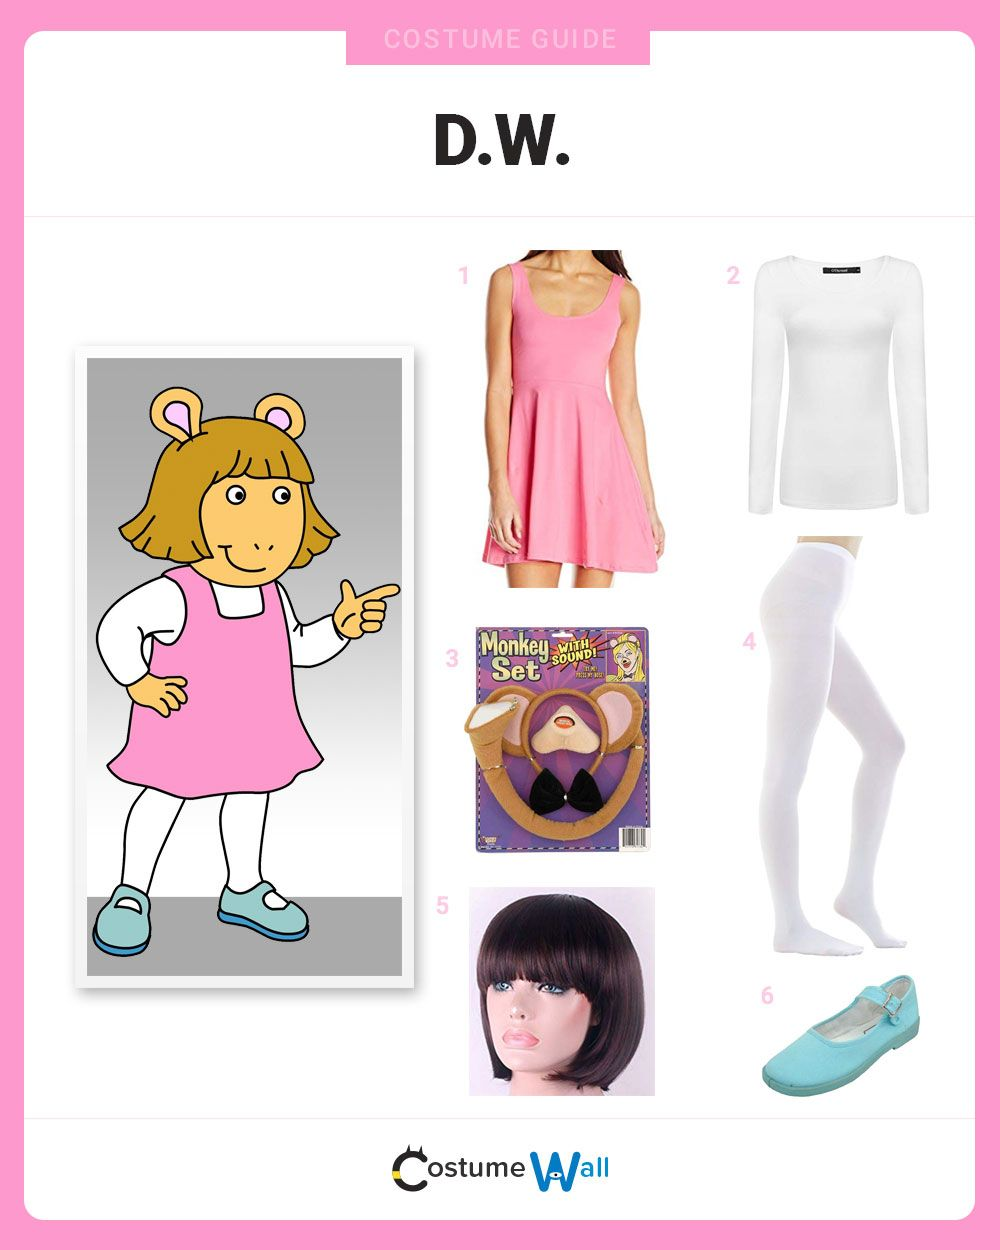 Dress Like D.W.